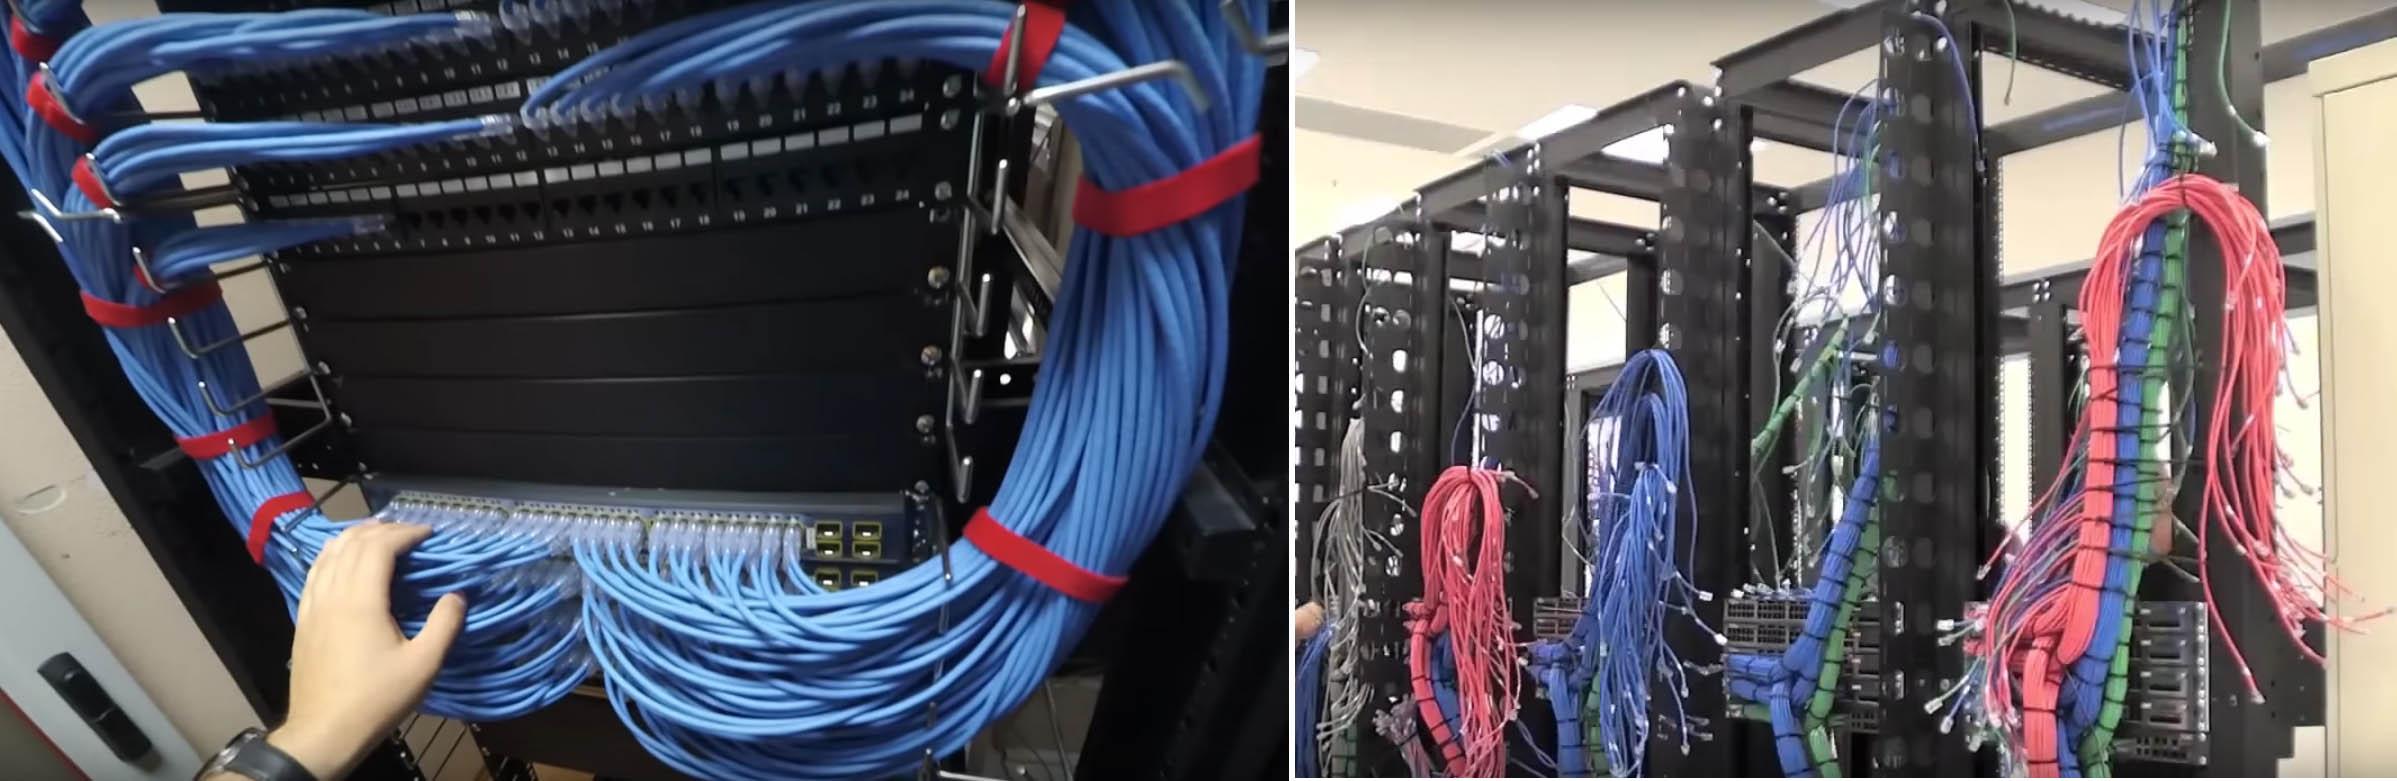 Обслуживание структурированных сетей